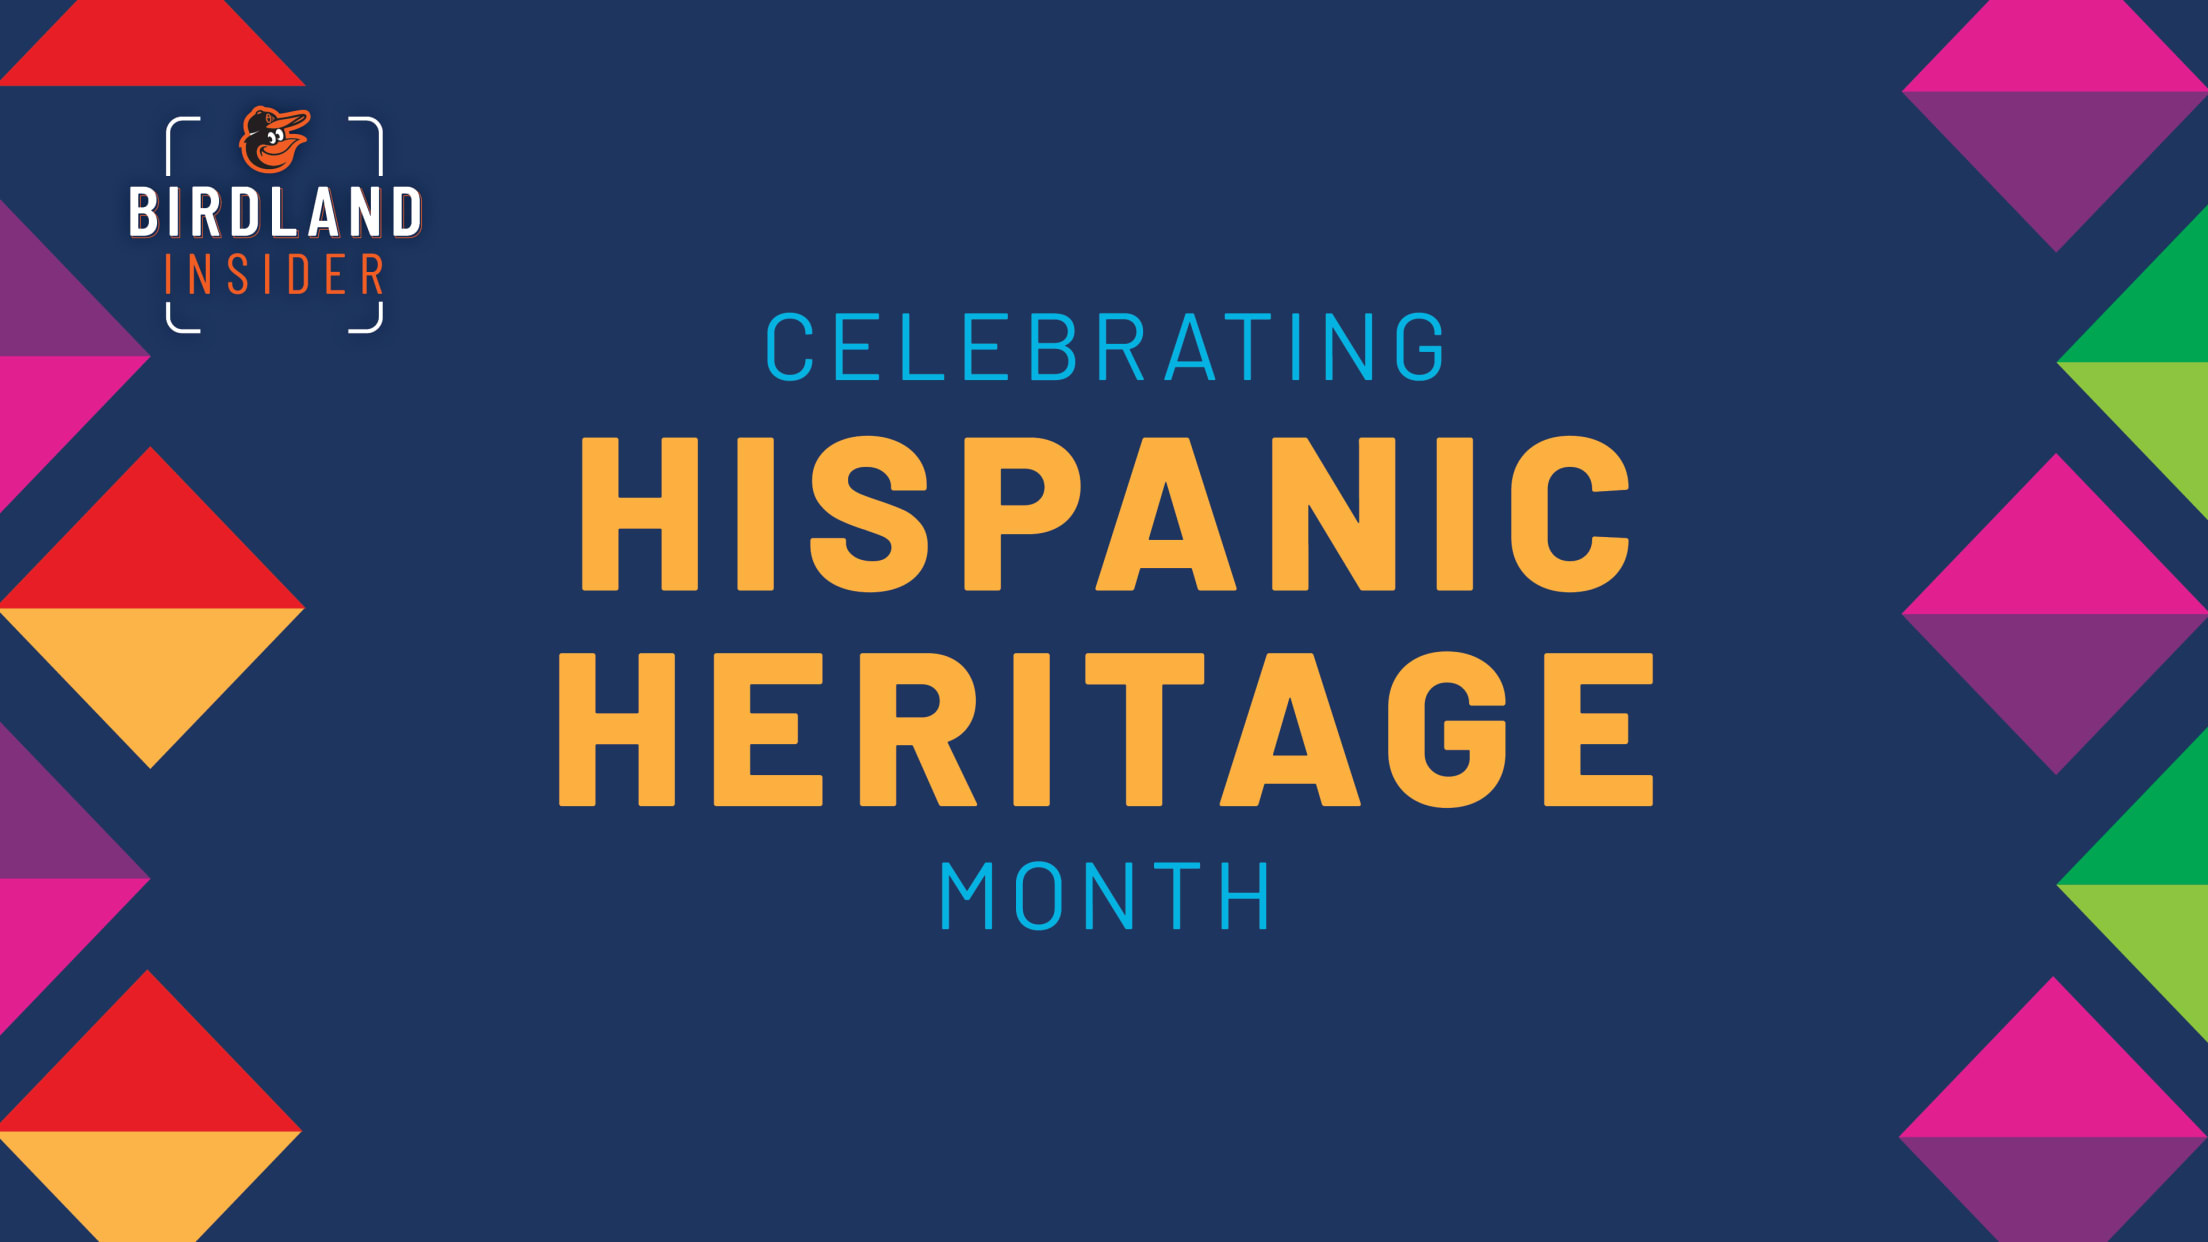 bal-celebrating-hispanic-heritage-month-header